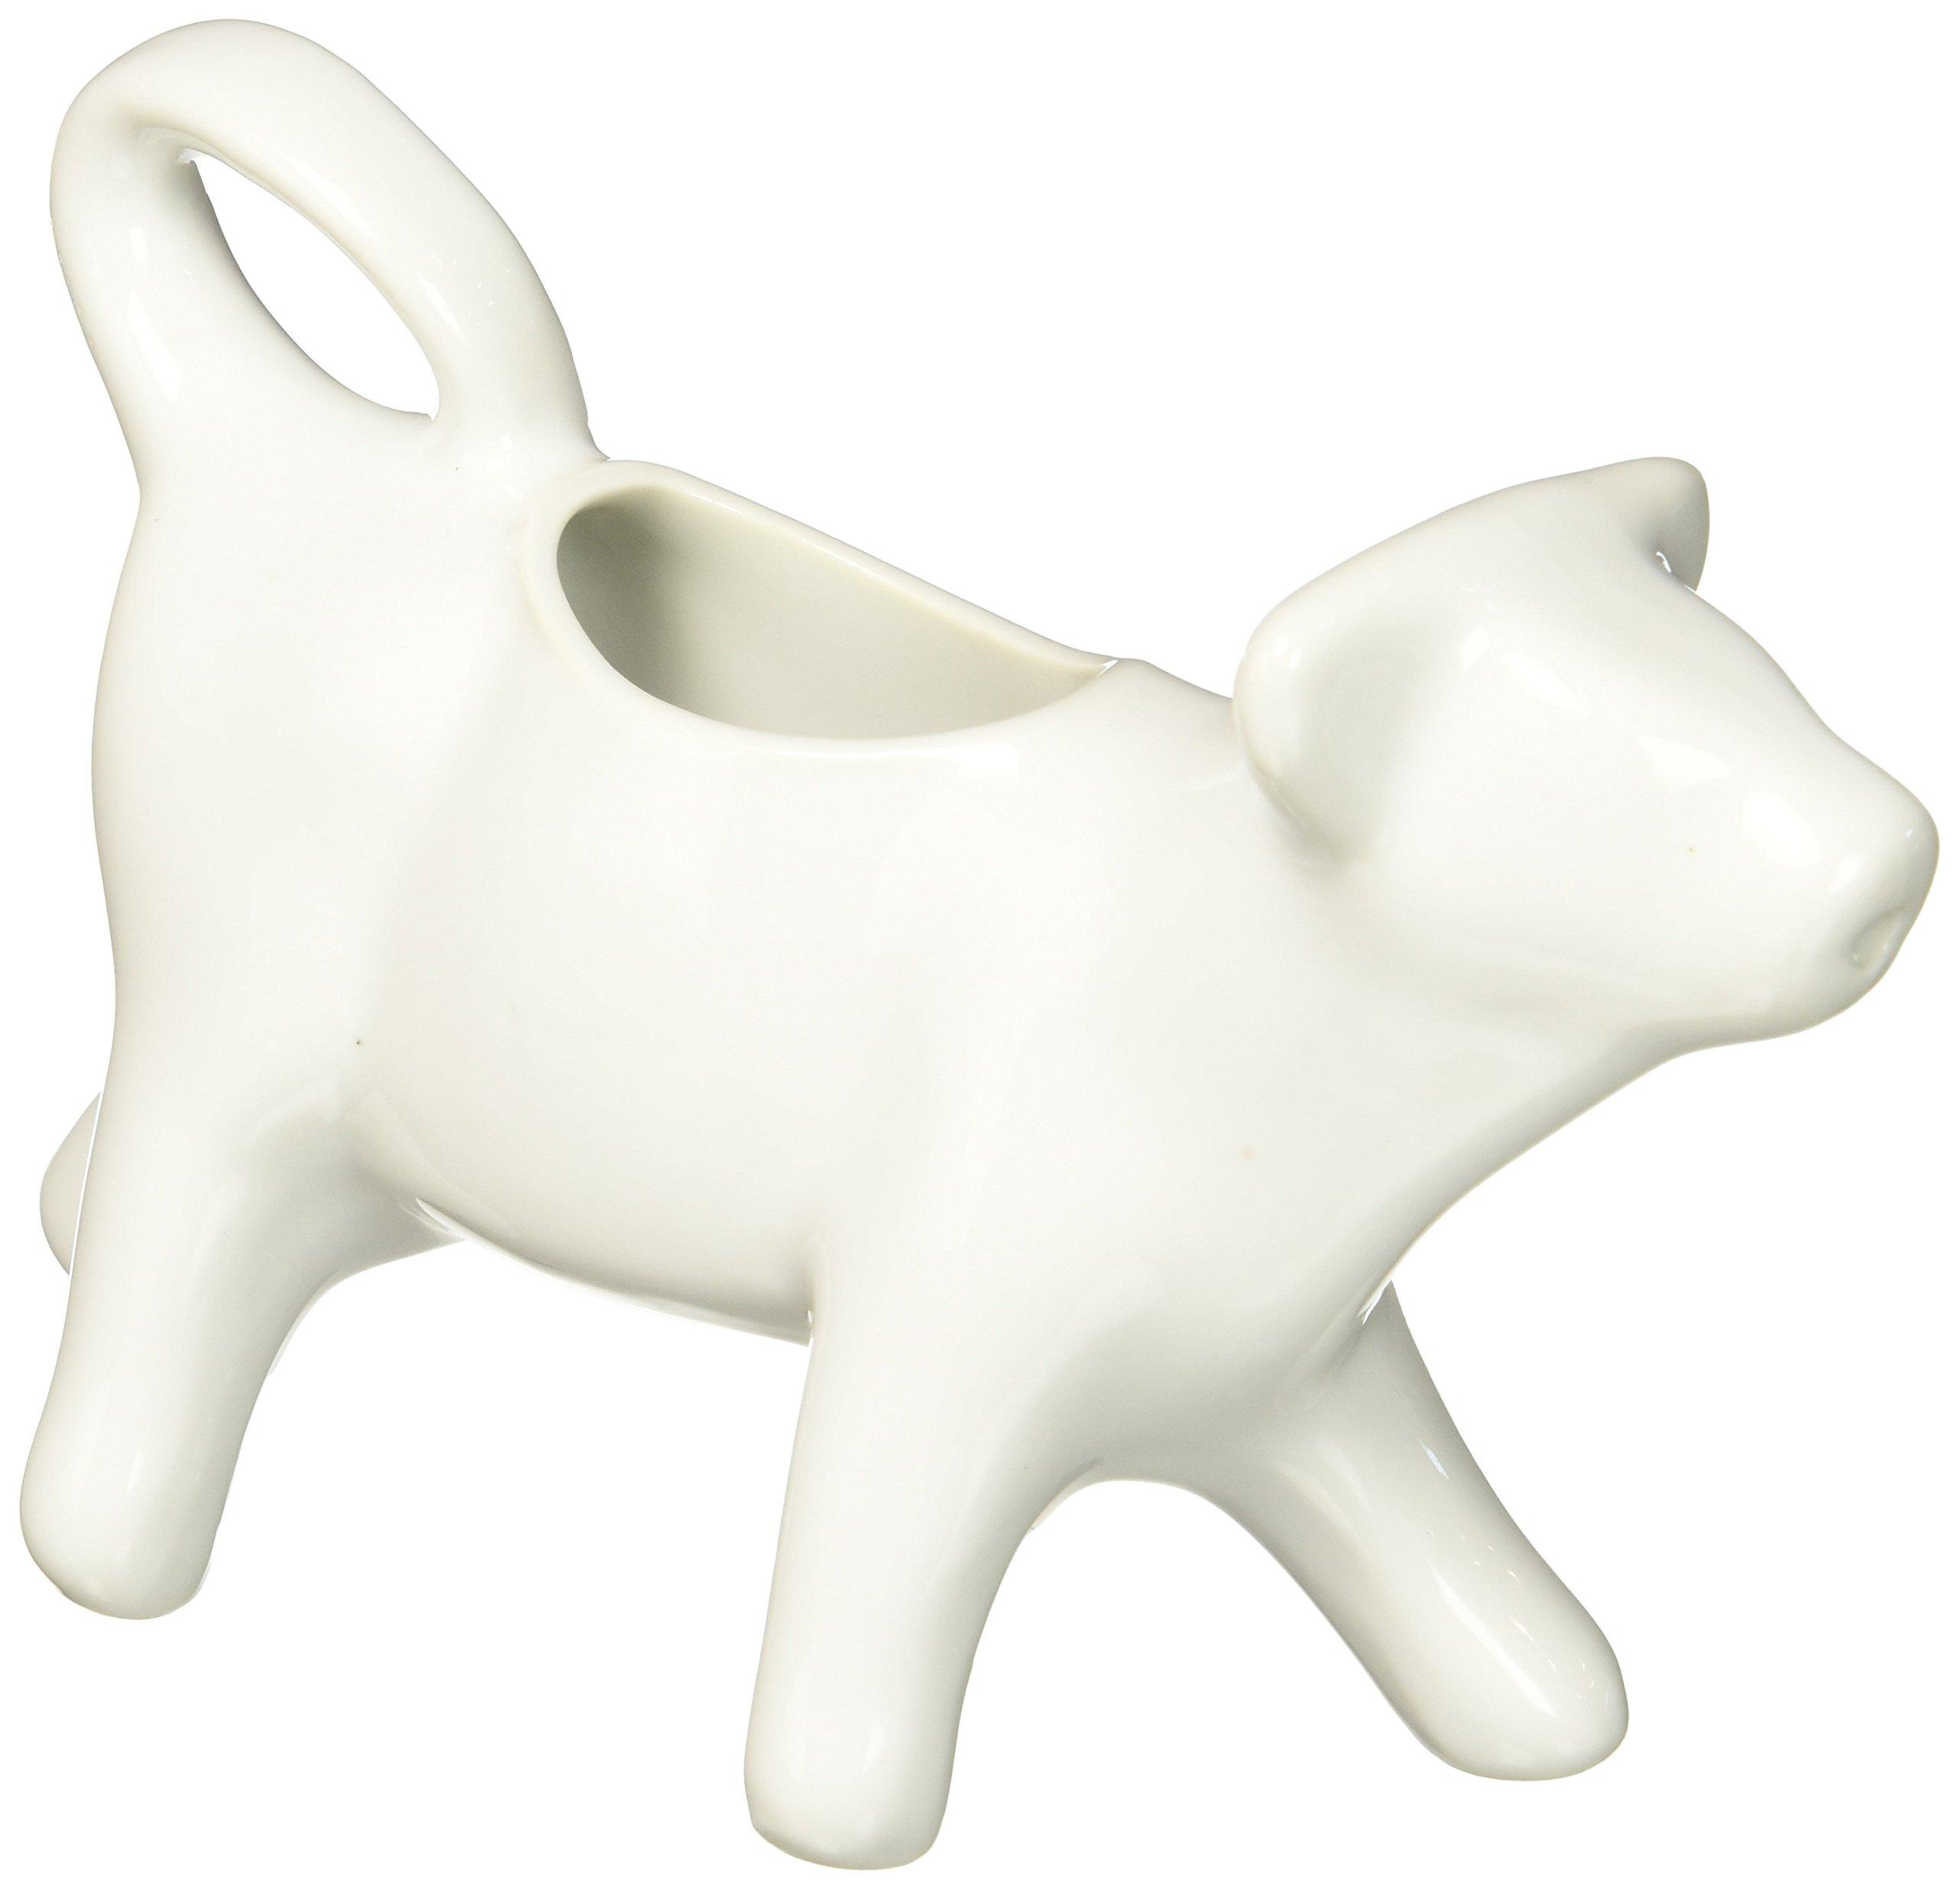 BIA Cordon Bleu Cow Creamer